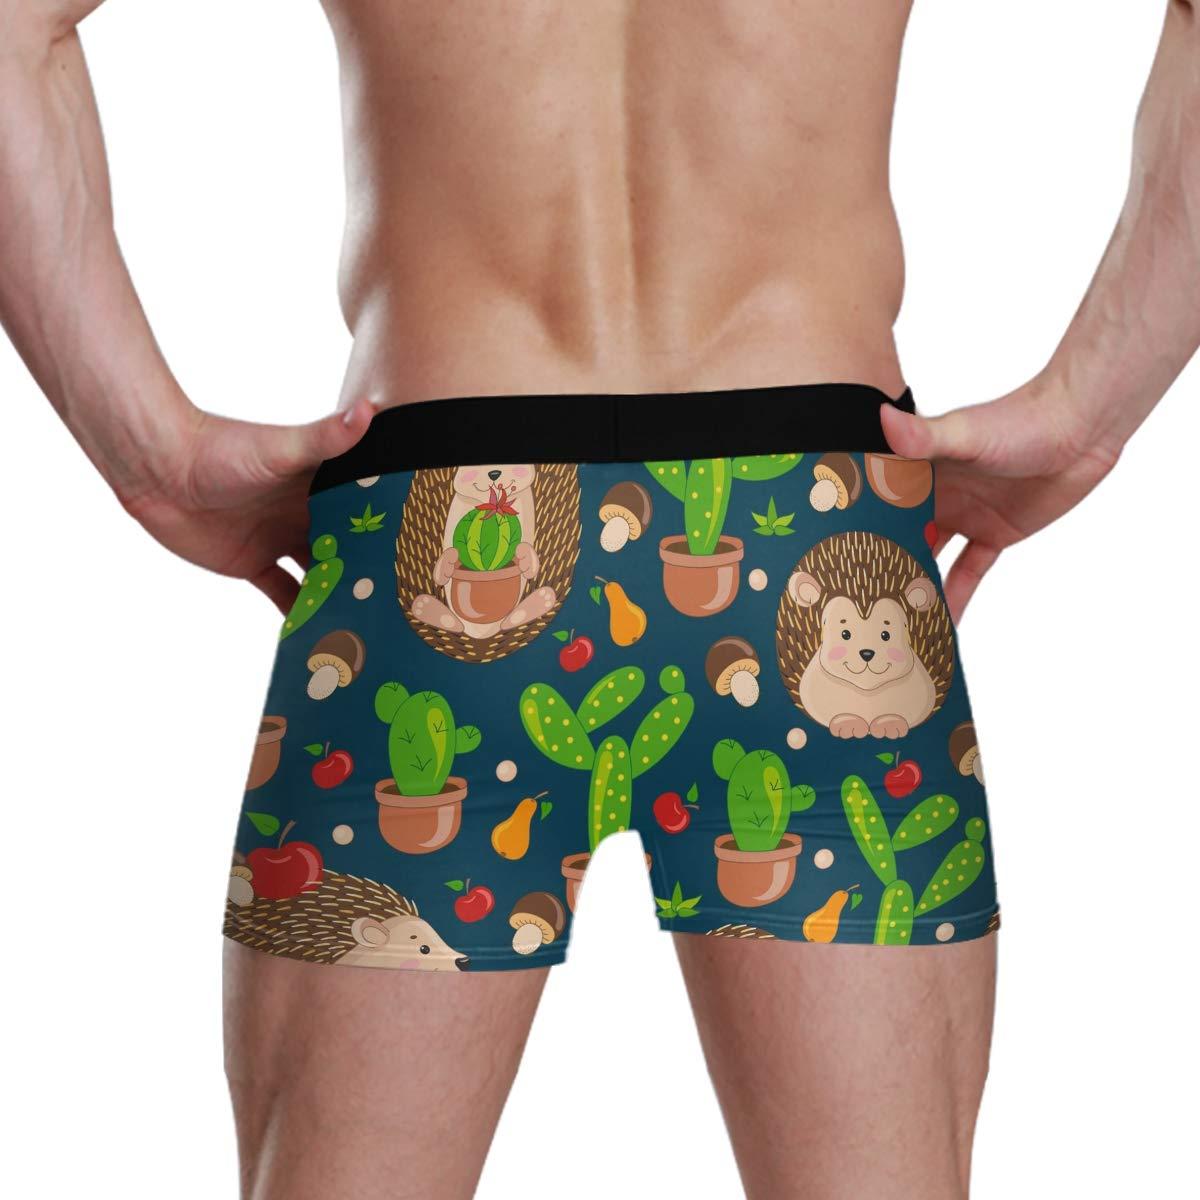 Unisa Mens Exotic Boxer Briefs Comfortable Soft Underwear Boyshorts Underwear for Men Cartoon Hedgehogs